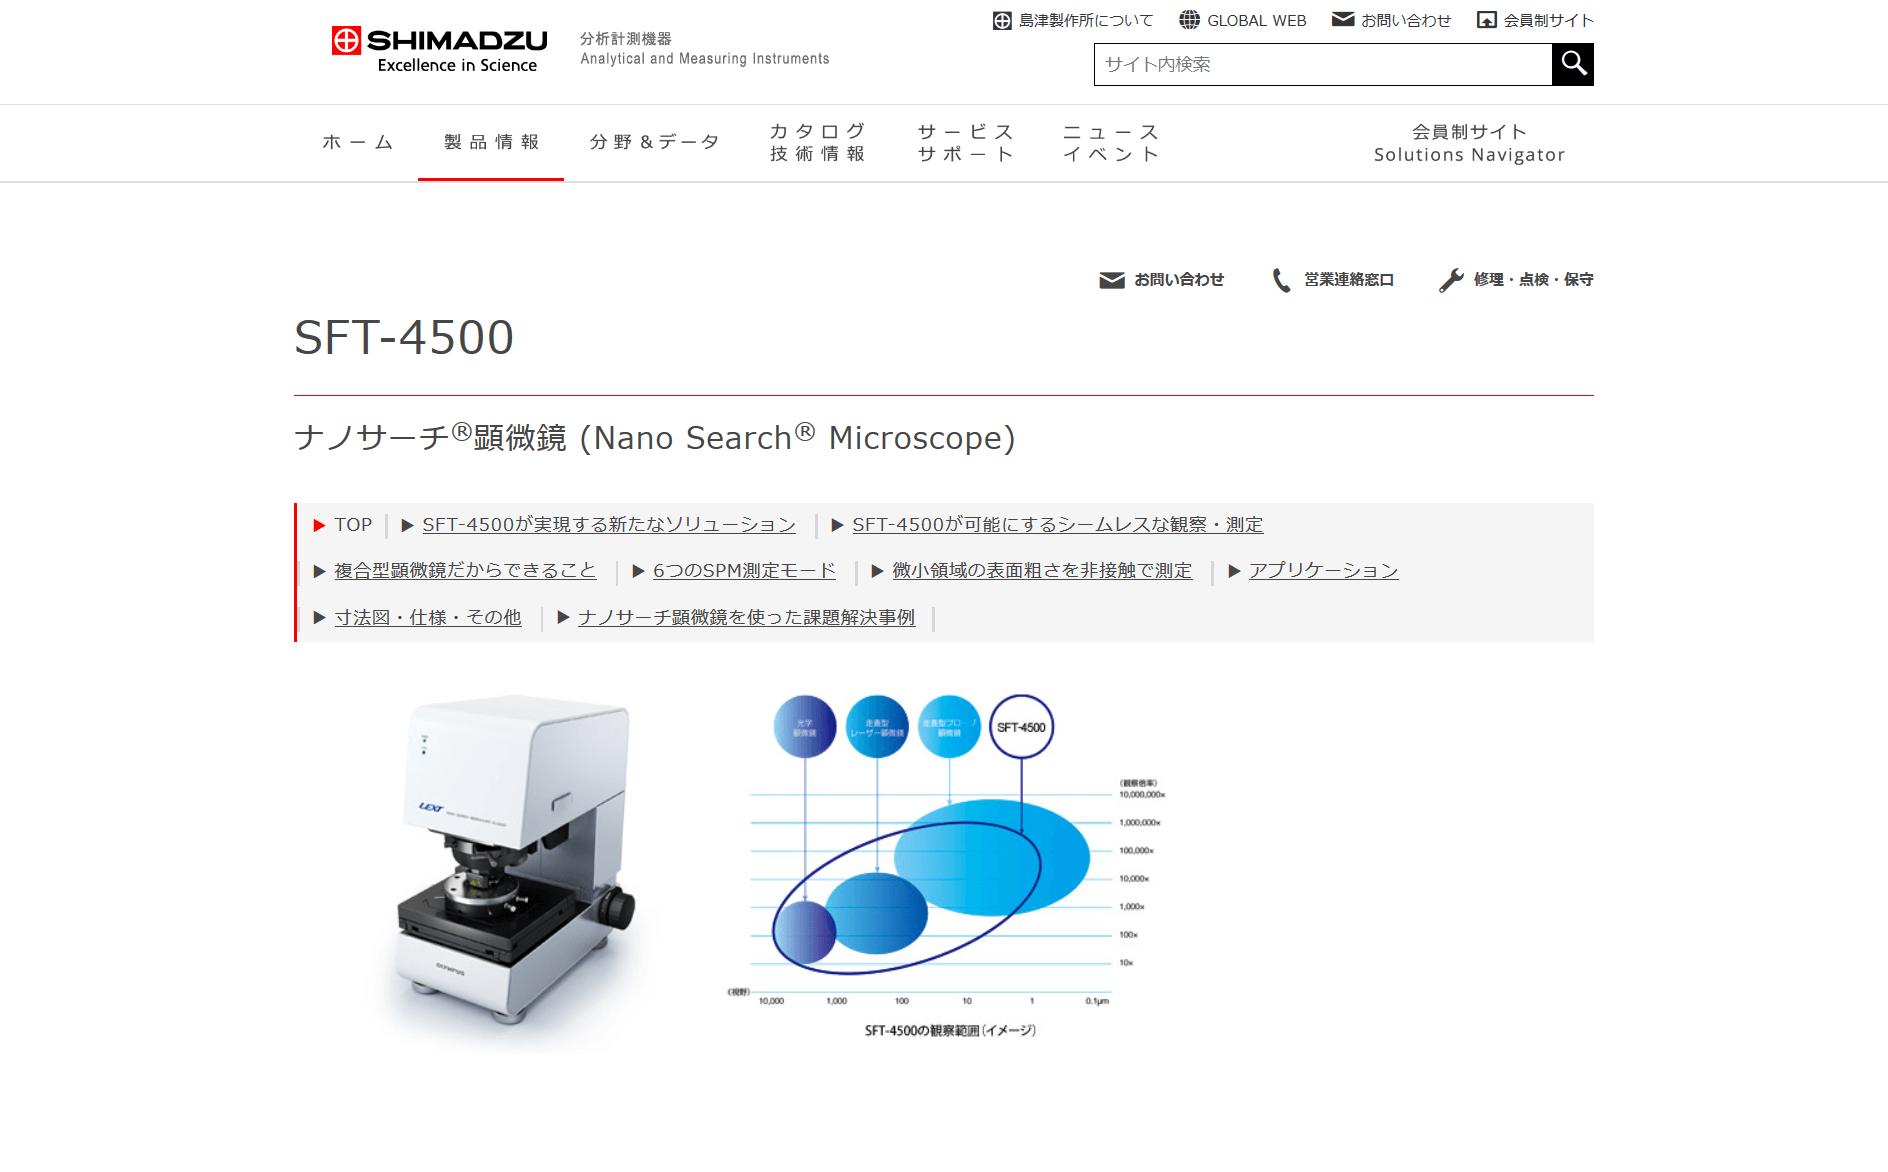 ナノサーチ(R)顕微鏡 SFT-4500